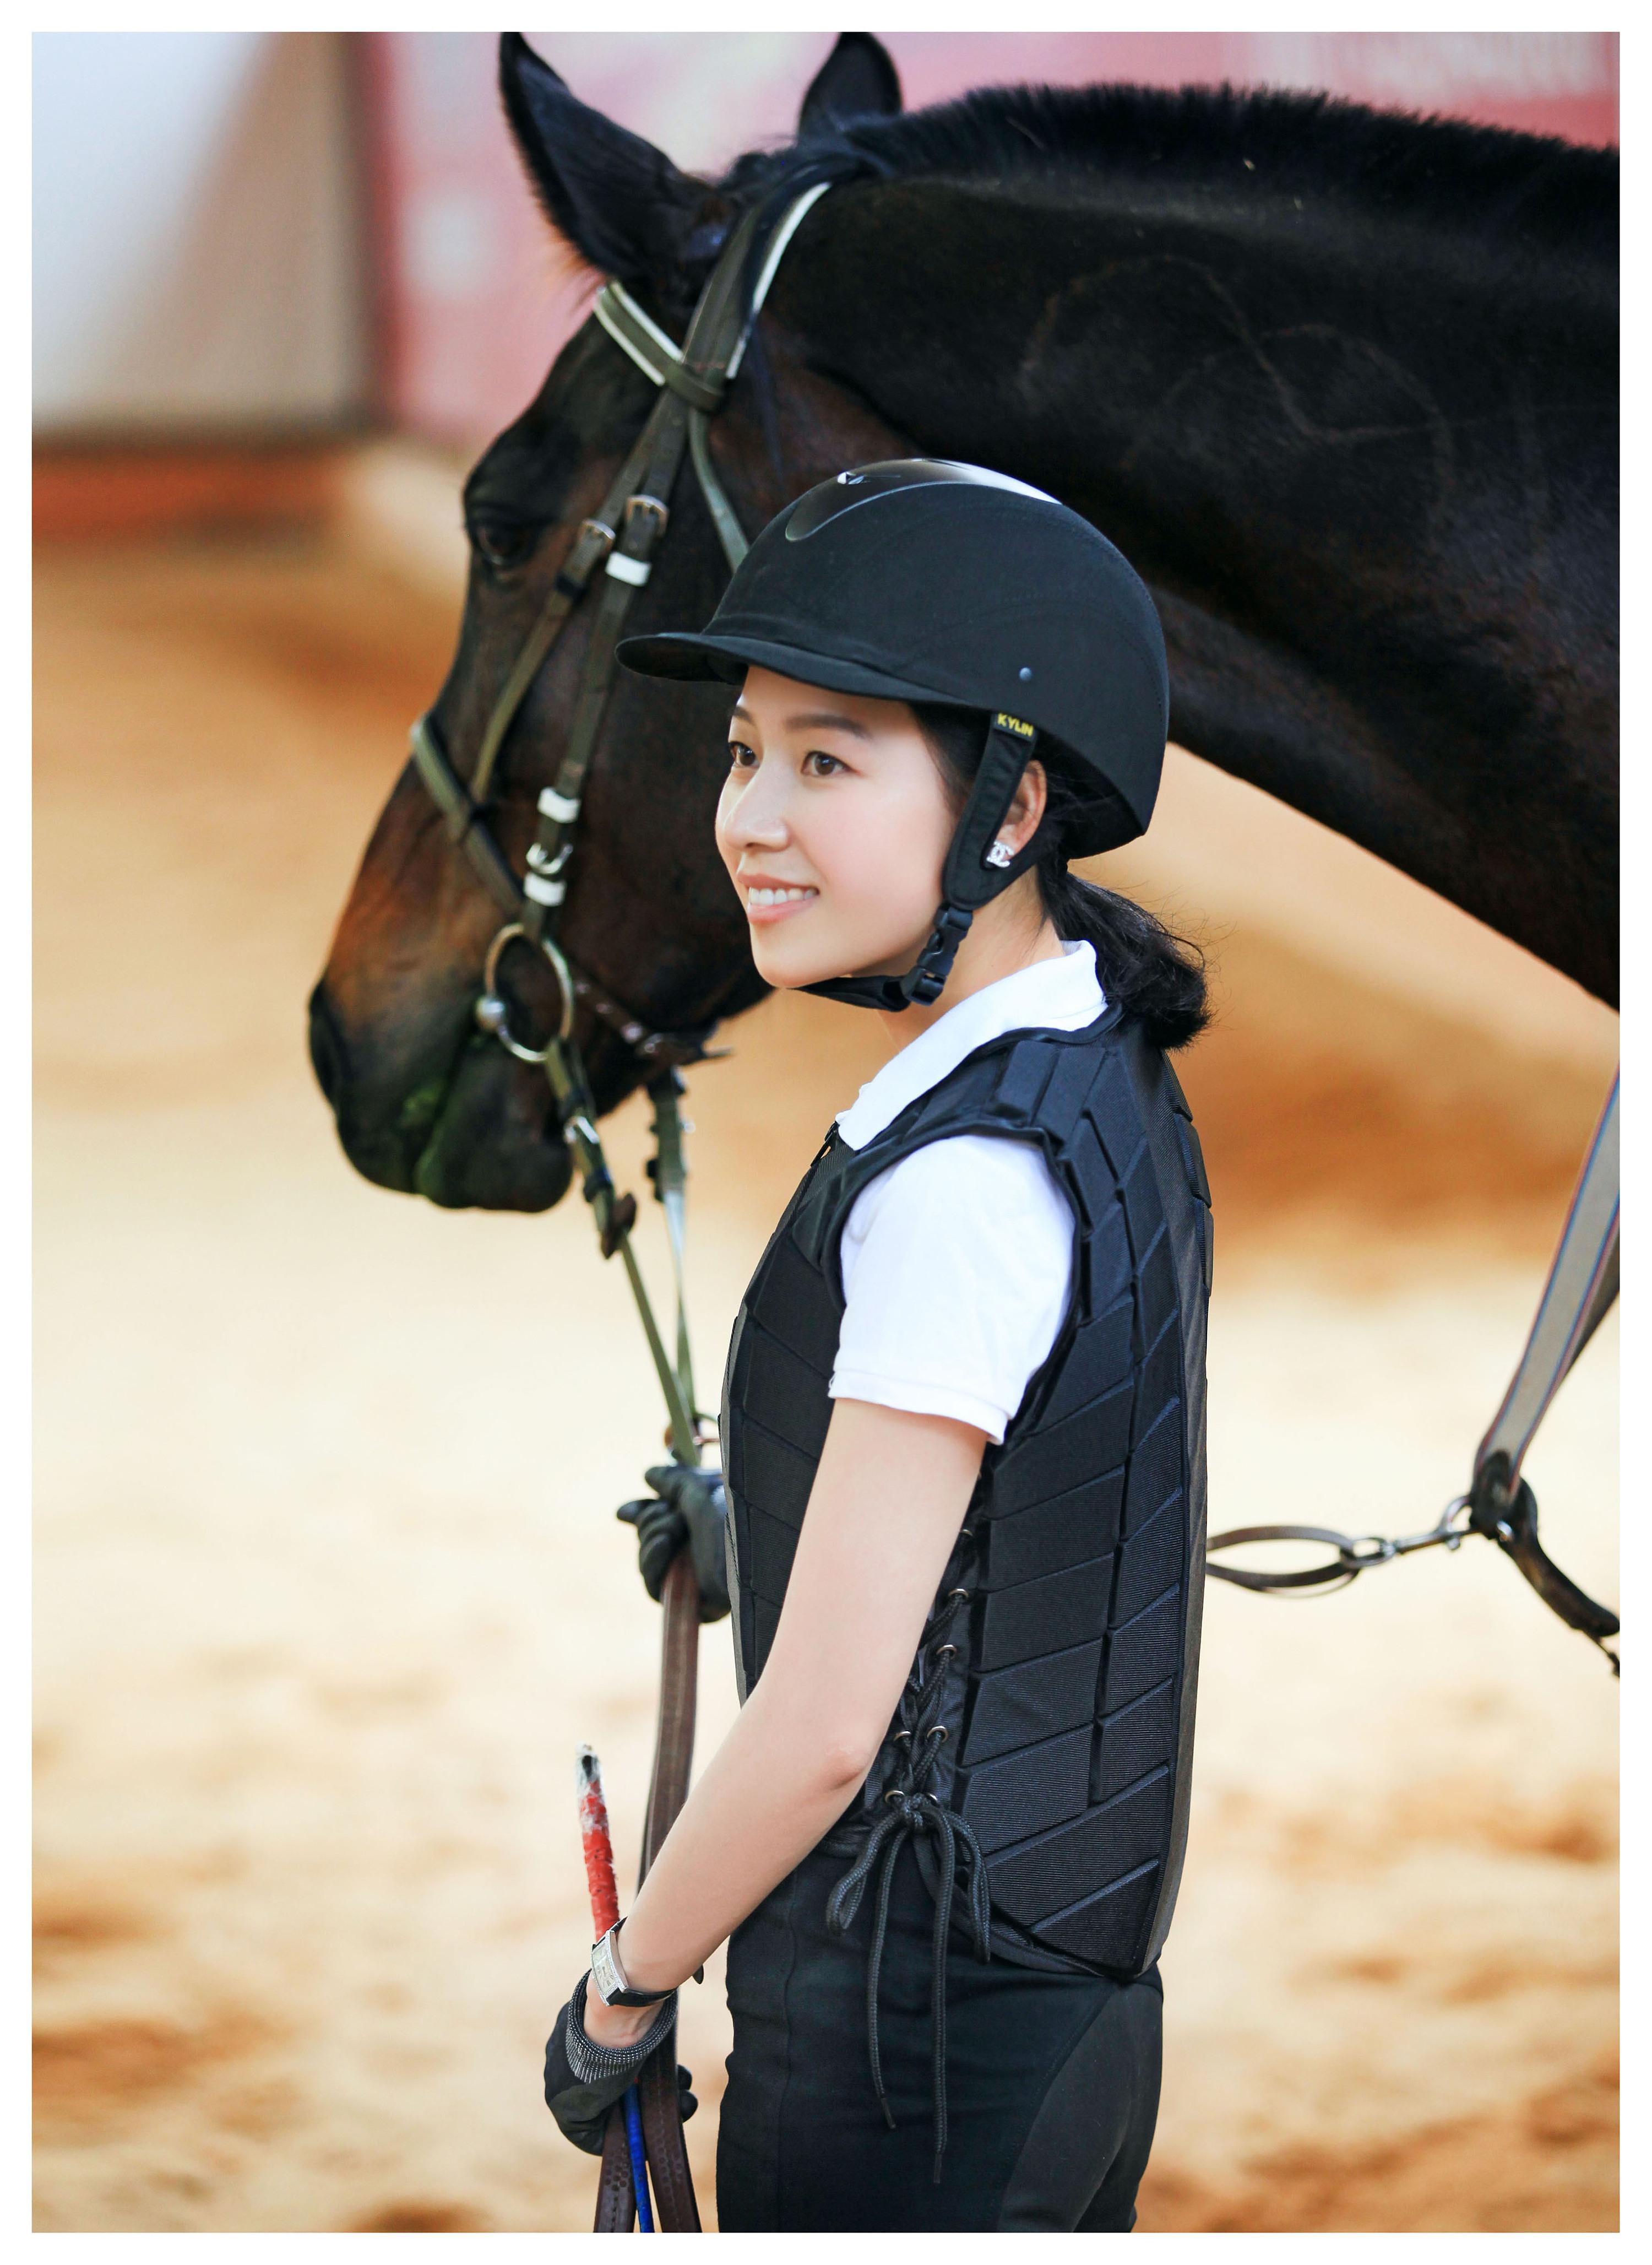 骑士白靴的美女_嘉丽泽马术俱乐部美女骑士